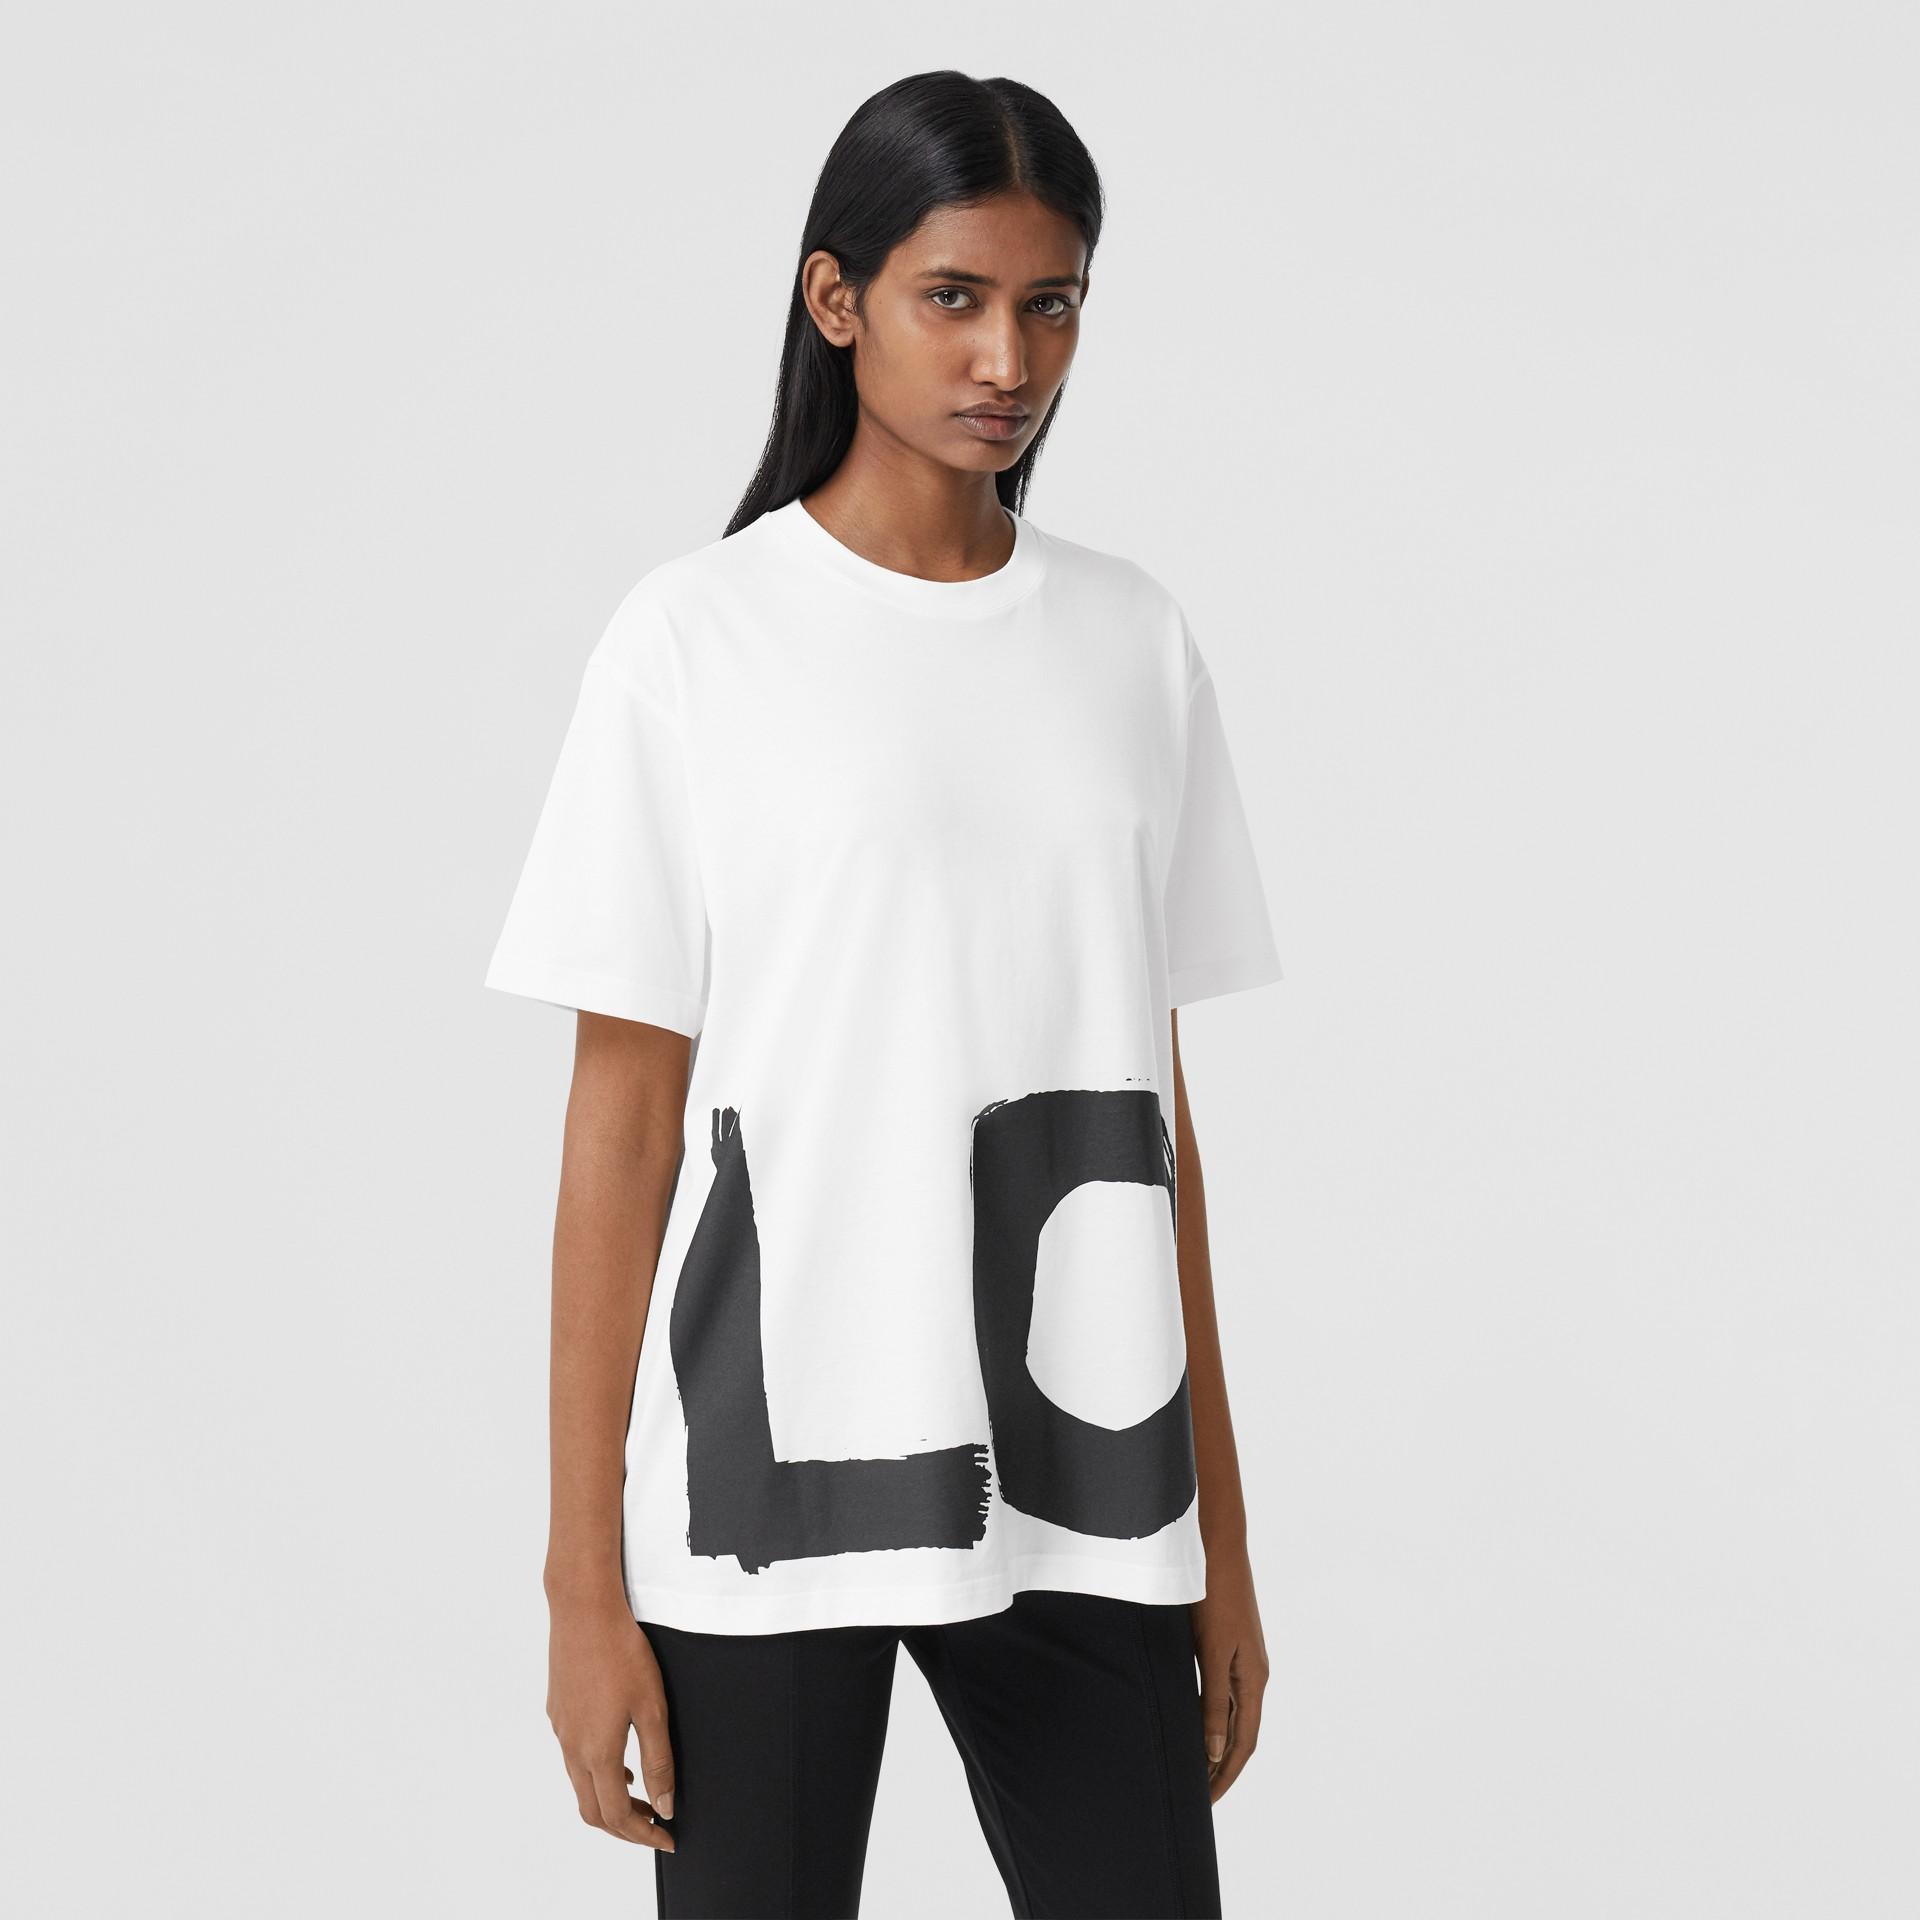 Camiseta extragrande en algodón con estampado Love (Blanco) - Mujer | Burberry - imagen de la galería 5